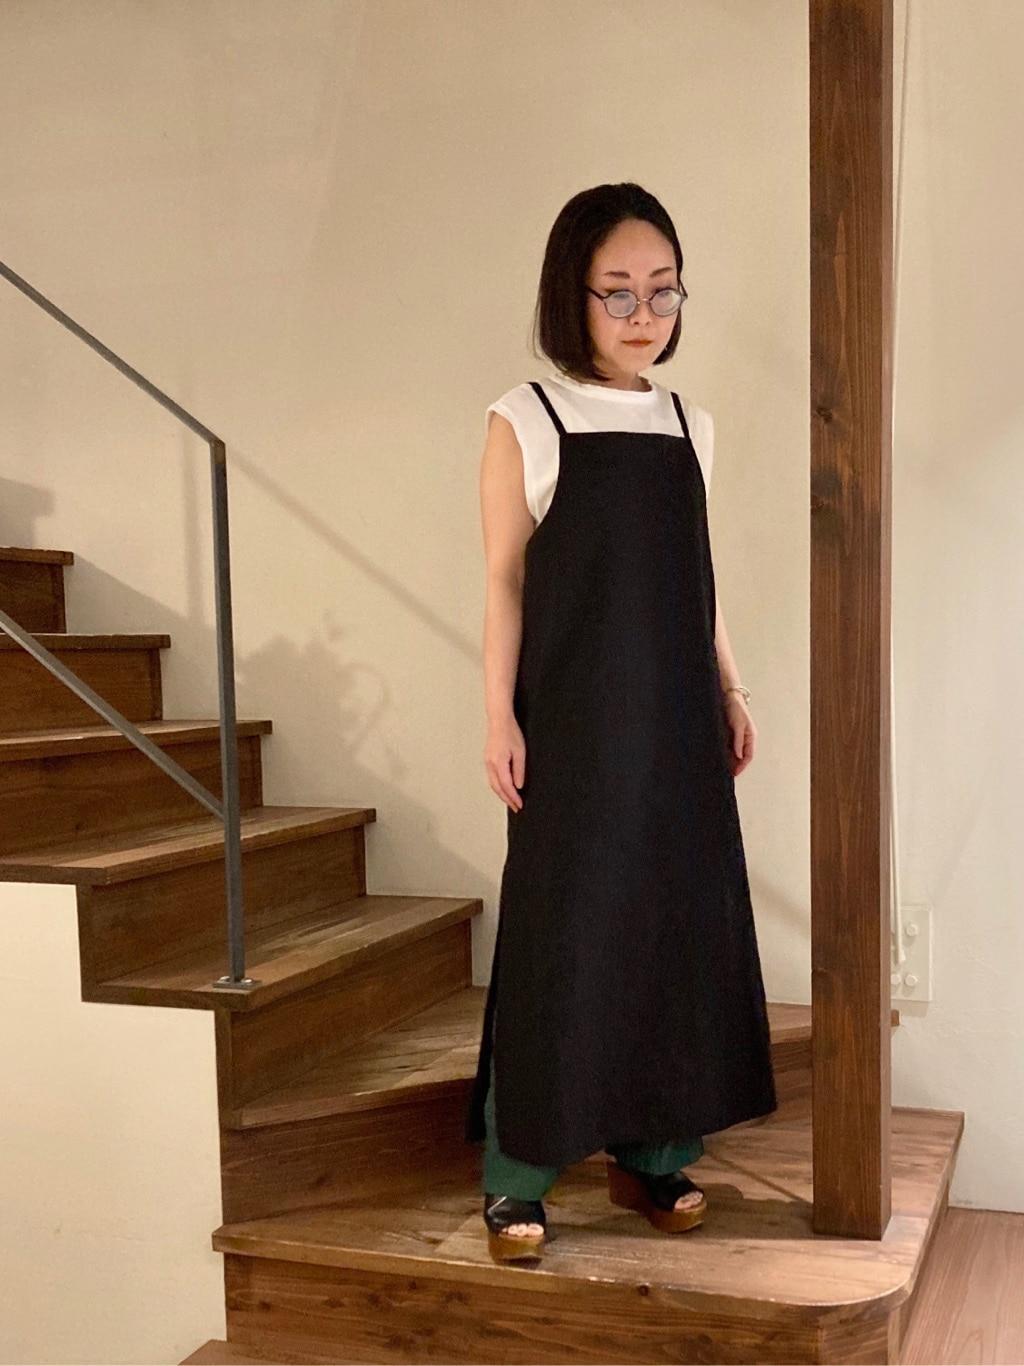 yuni 京都路面 身長:152cm 2021.05.21